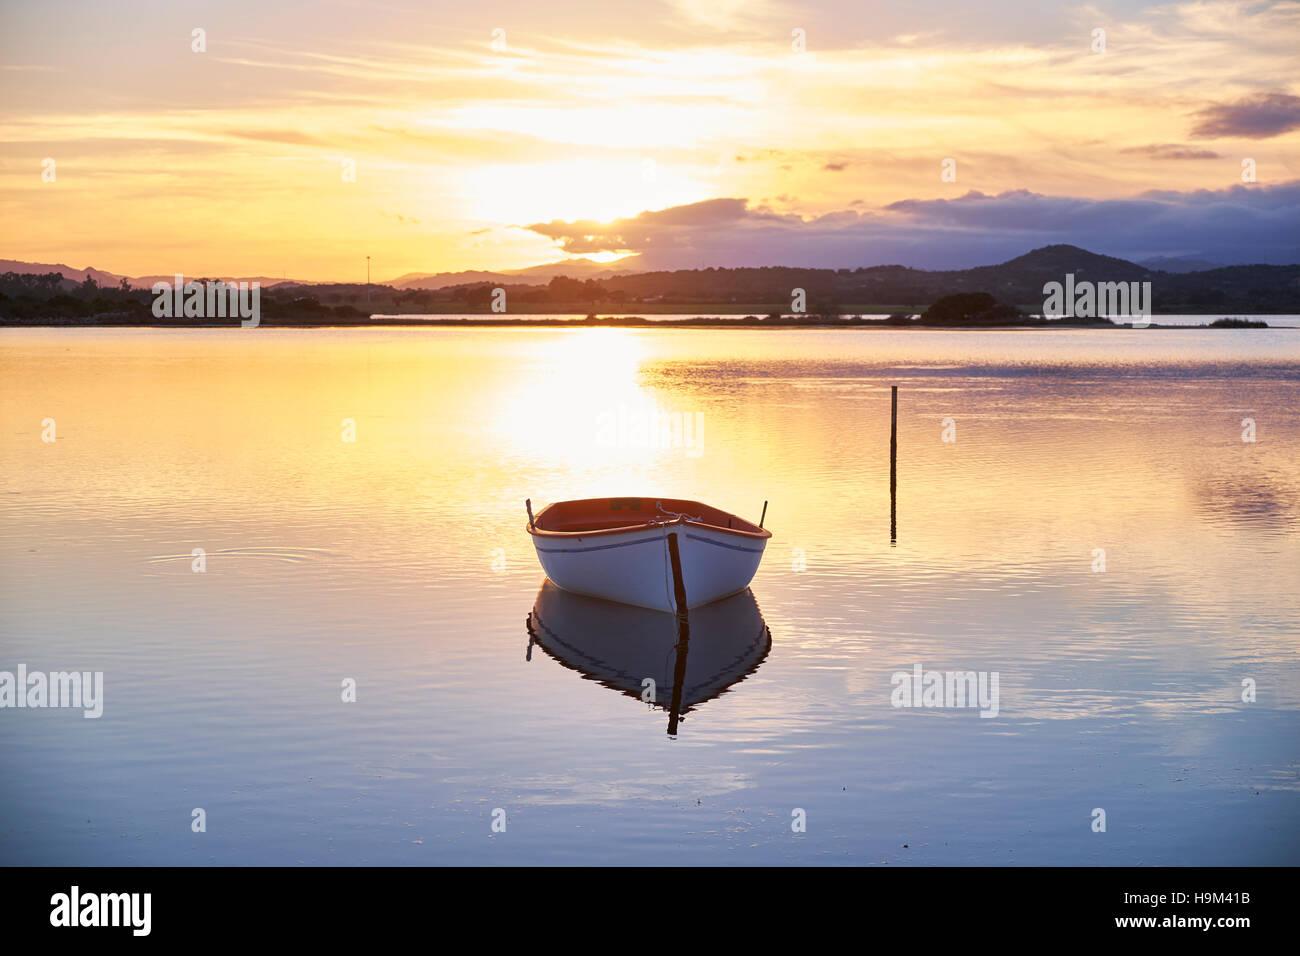 L'Italia, Sardegna, Murta Maria, barca in acqua al tramonto Immagini Stock